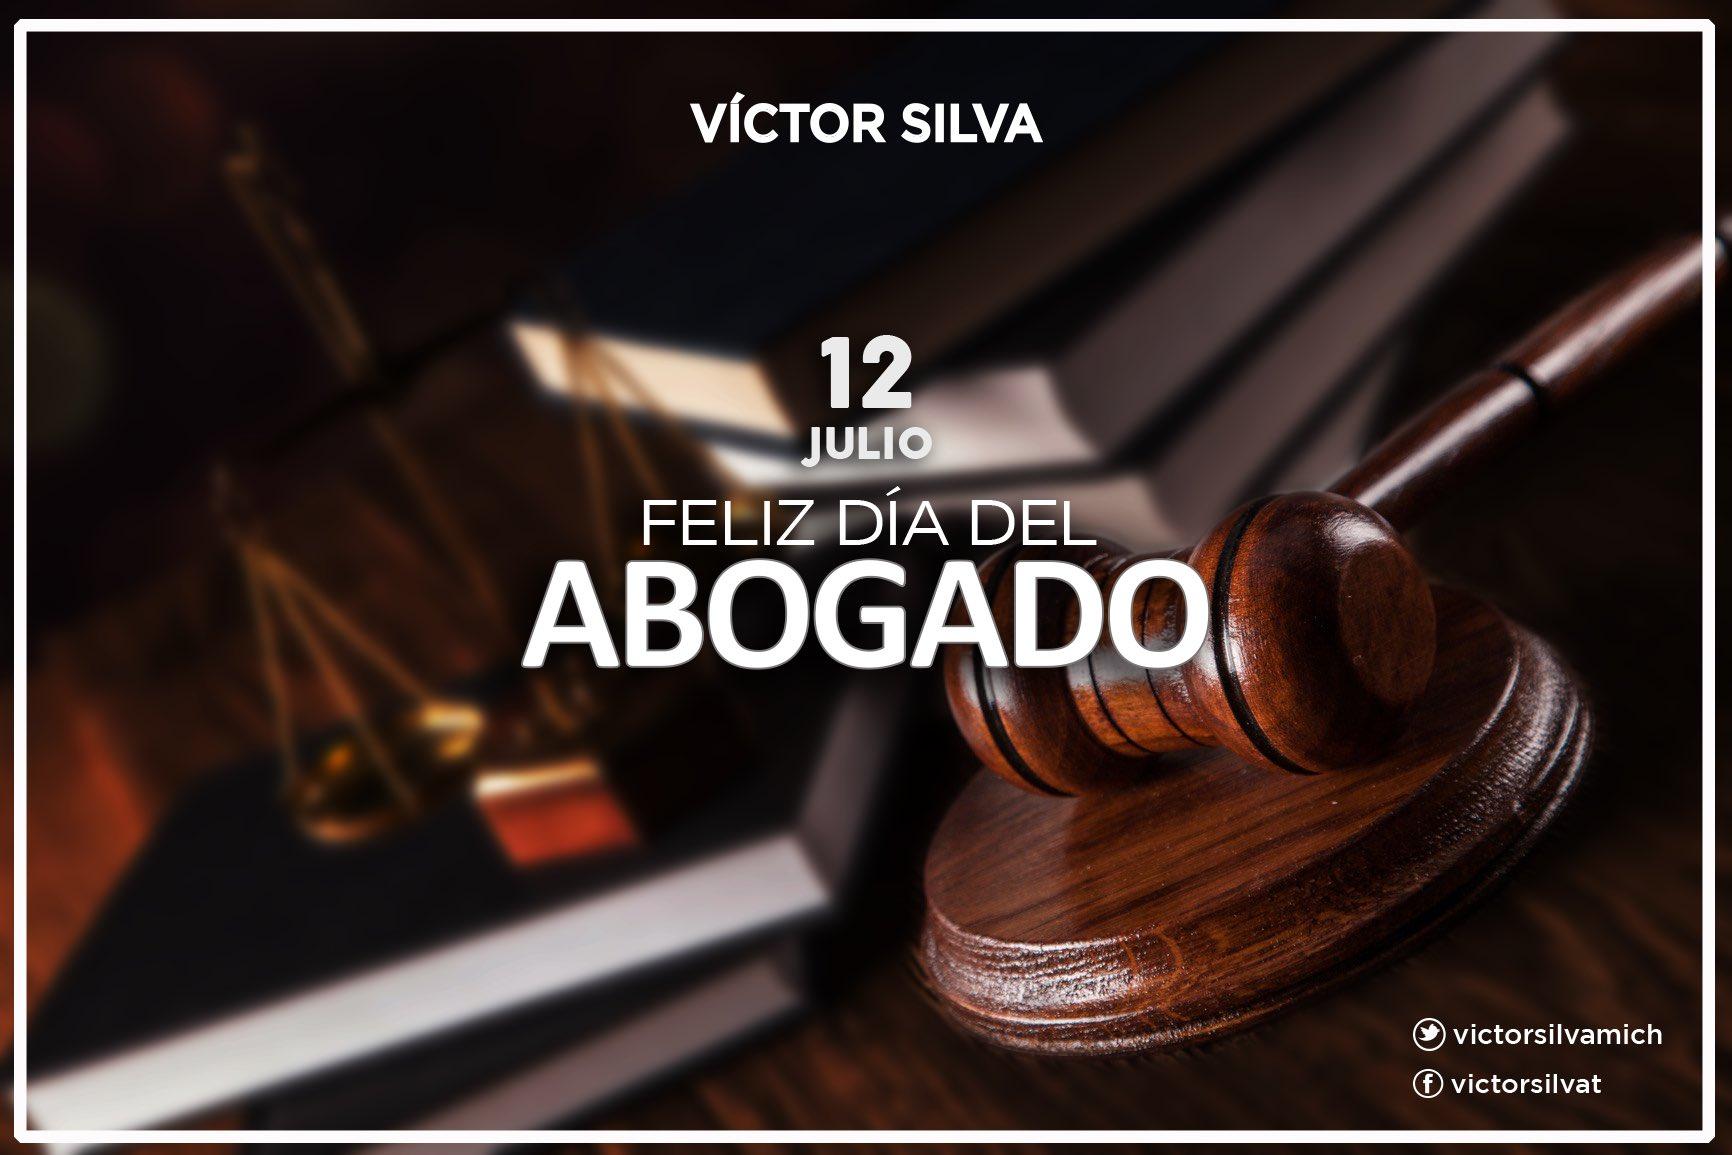 ¡Felicidades a todos los abogados en su día! #DíadelAbogado https://t.co/Y9yNk02rcB